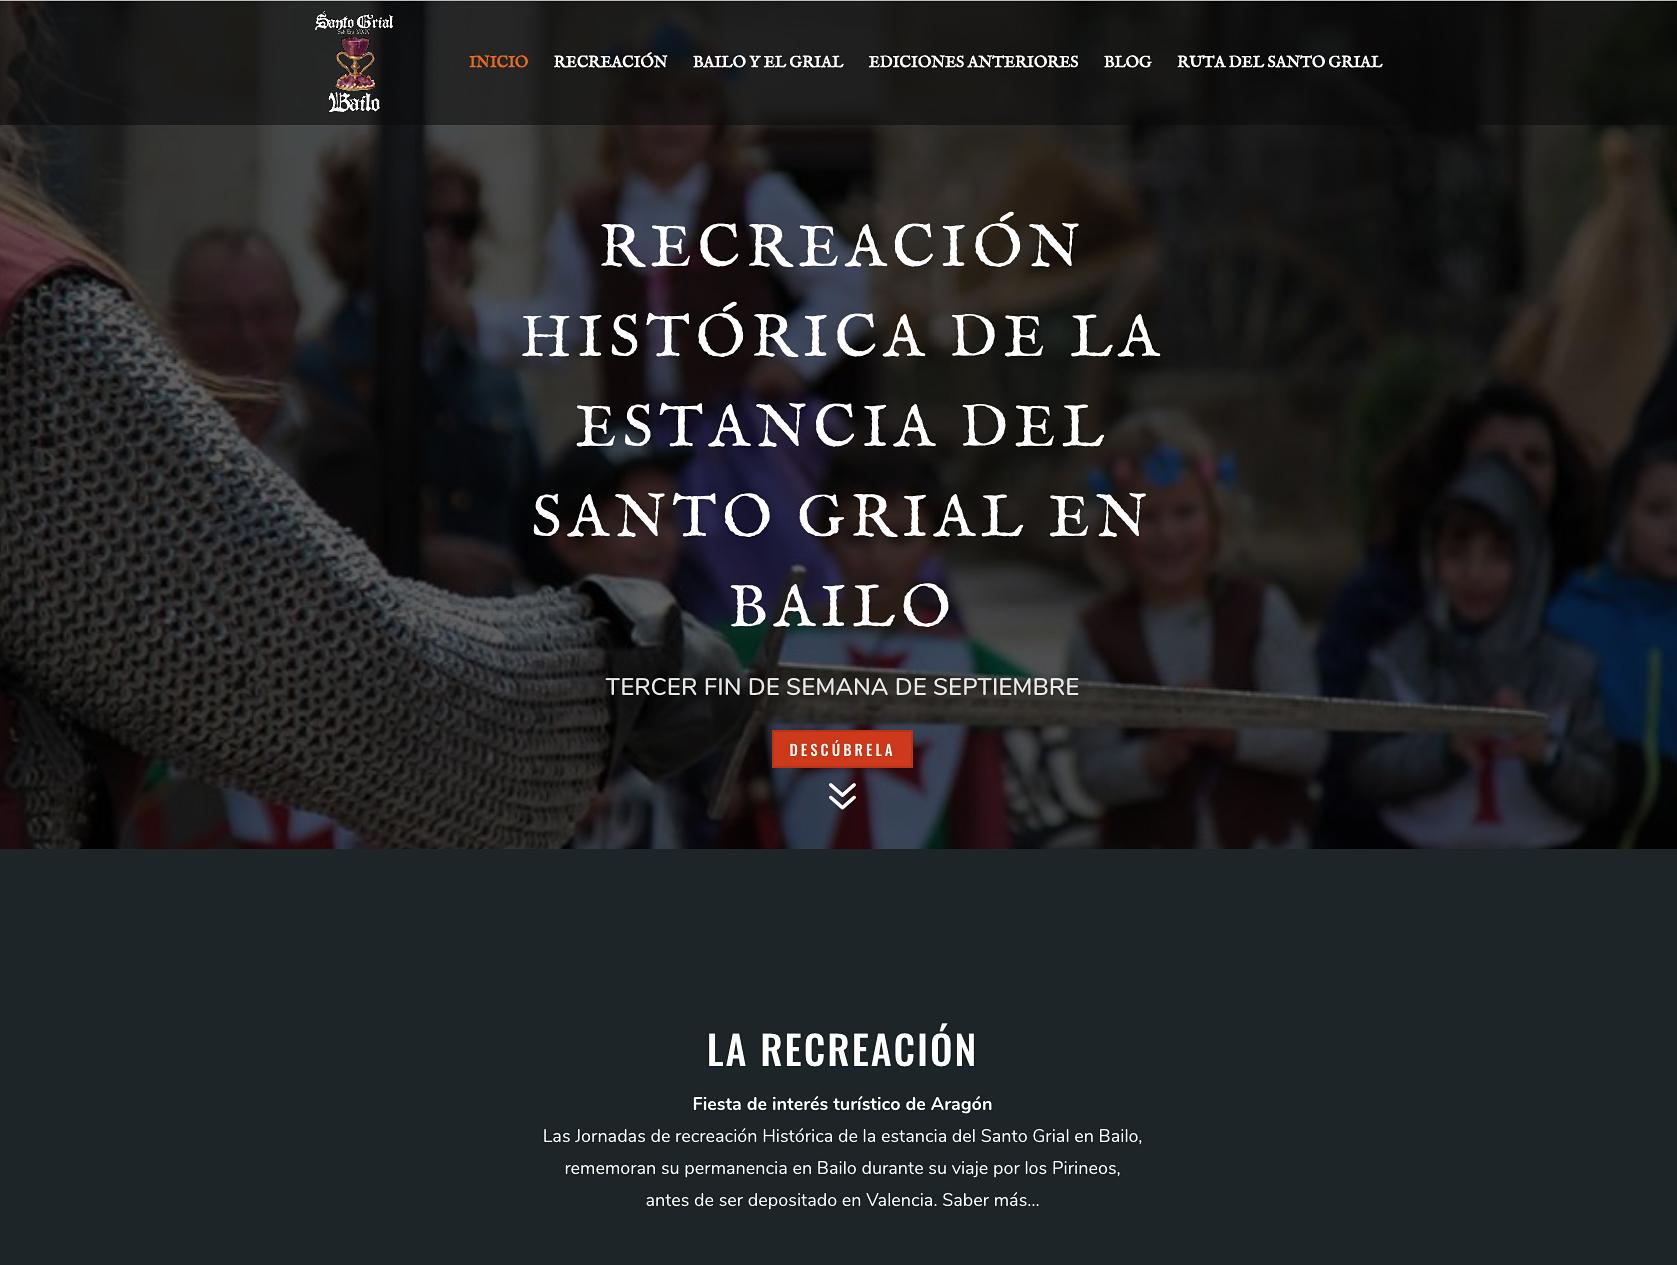 BRICO JACA, gran superficie comercial situada en Jaca con todo lo necesario para el bricolaje, calefacción, cocinas, jardín y fontanería ha renovado el diseño de su página web (www.bricojaca.com) ampliándola también con nuevos contenidos y secciones.